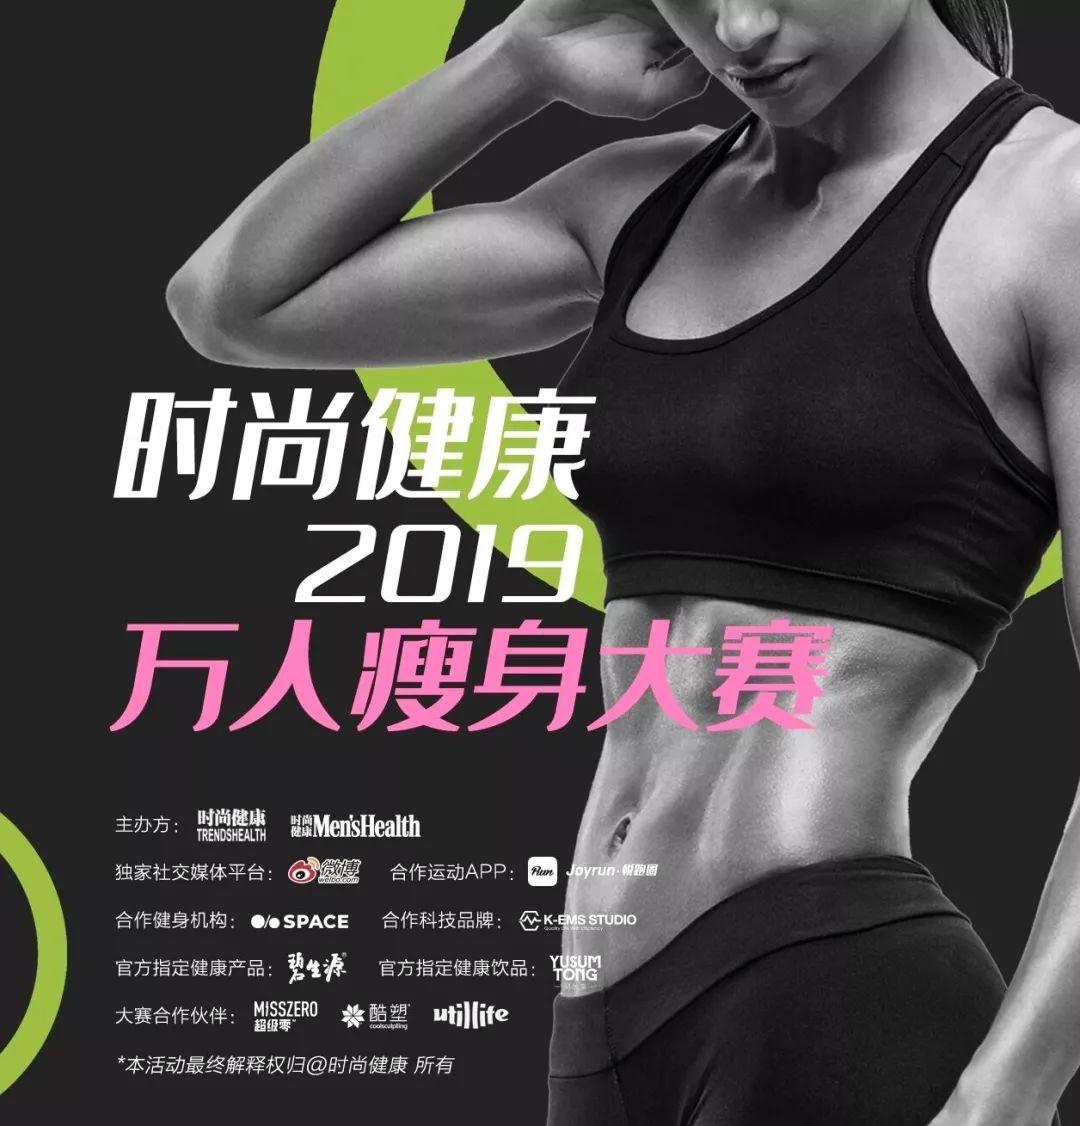 2019瘦身产品排行_2019纤体瘦身十大品牌排行榜,纤体瘦身哪个牌子好